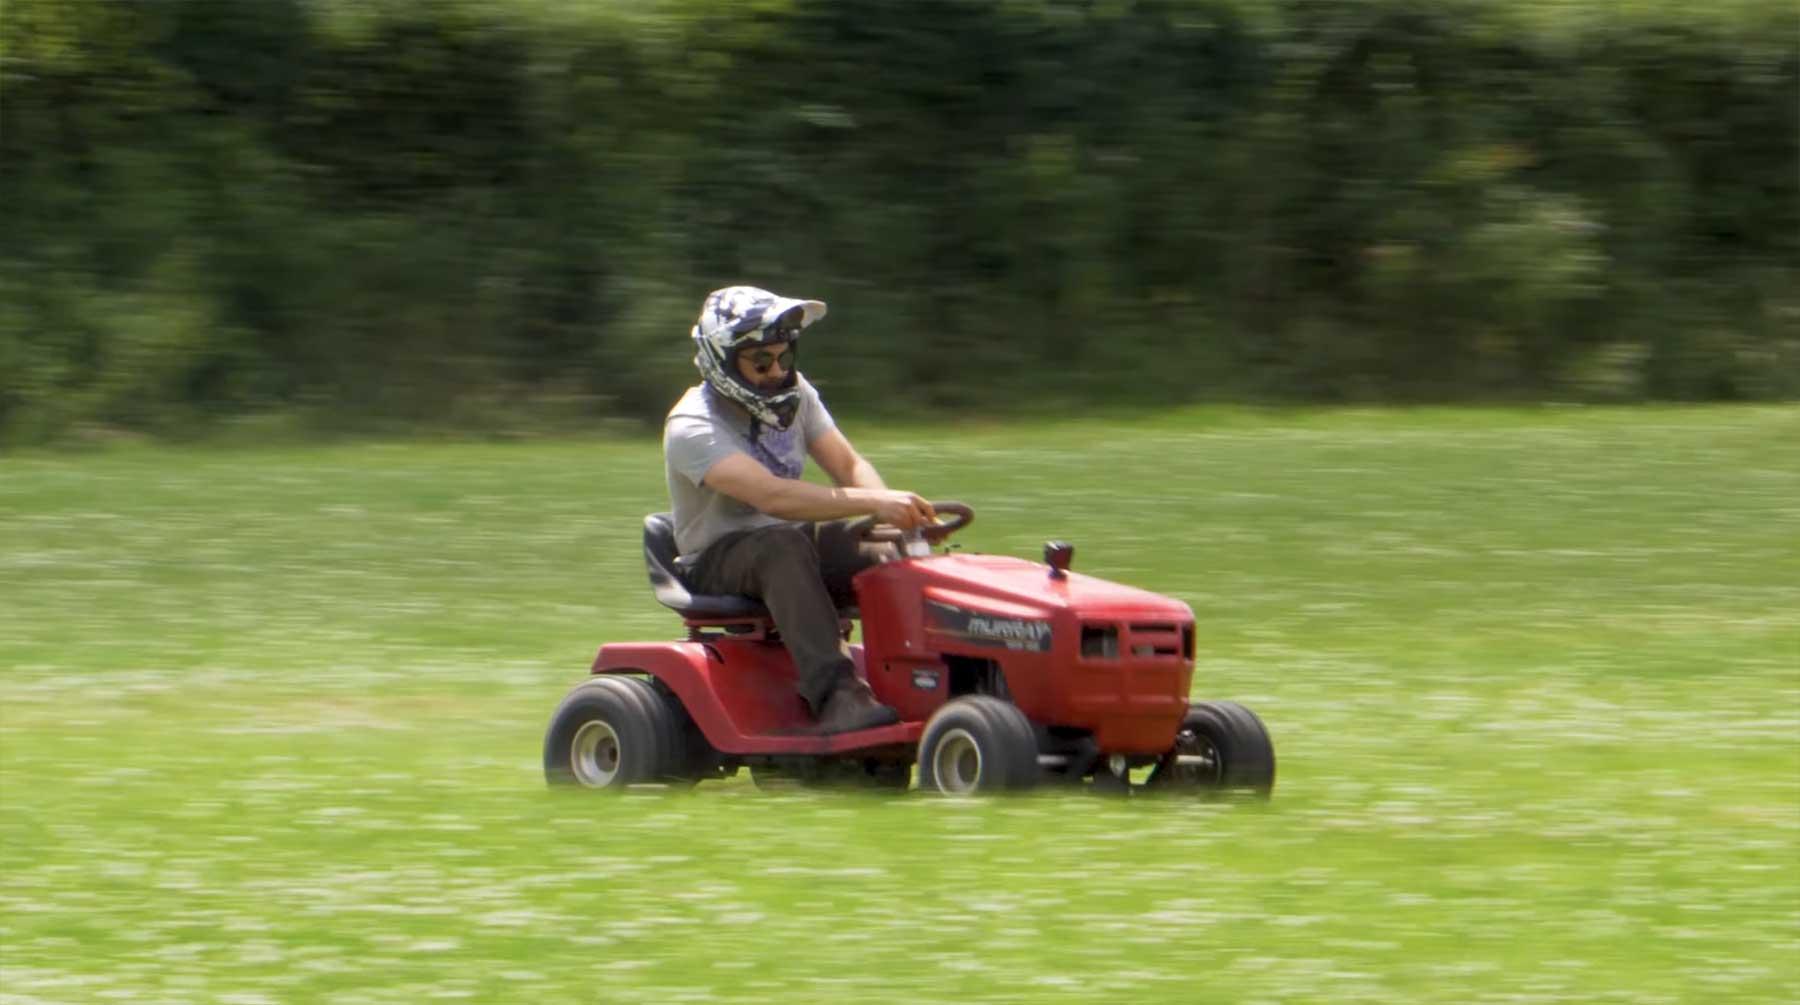 Mike Boyd lernt, einen Renn-Rasenmäher zu bauen Miky-Boyd-baut-rennrasenmaeher